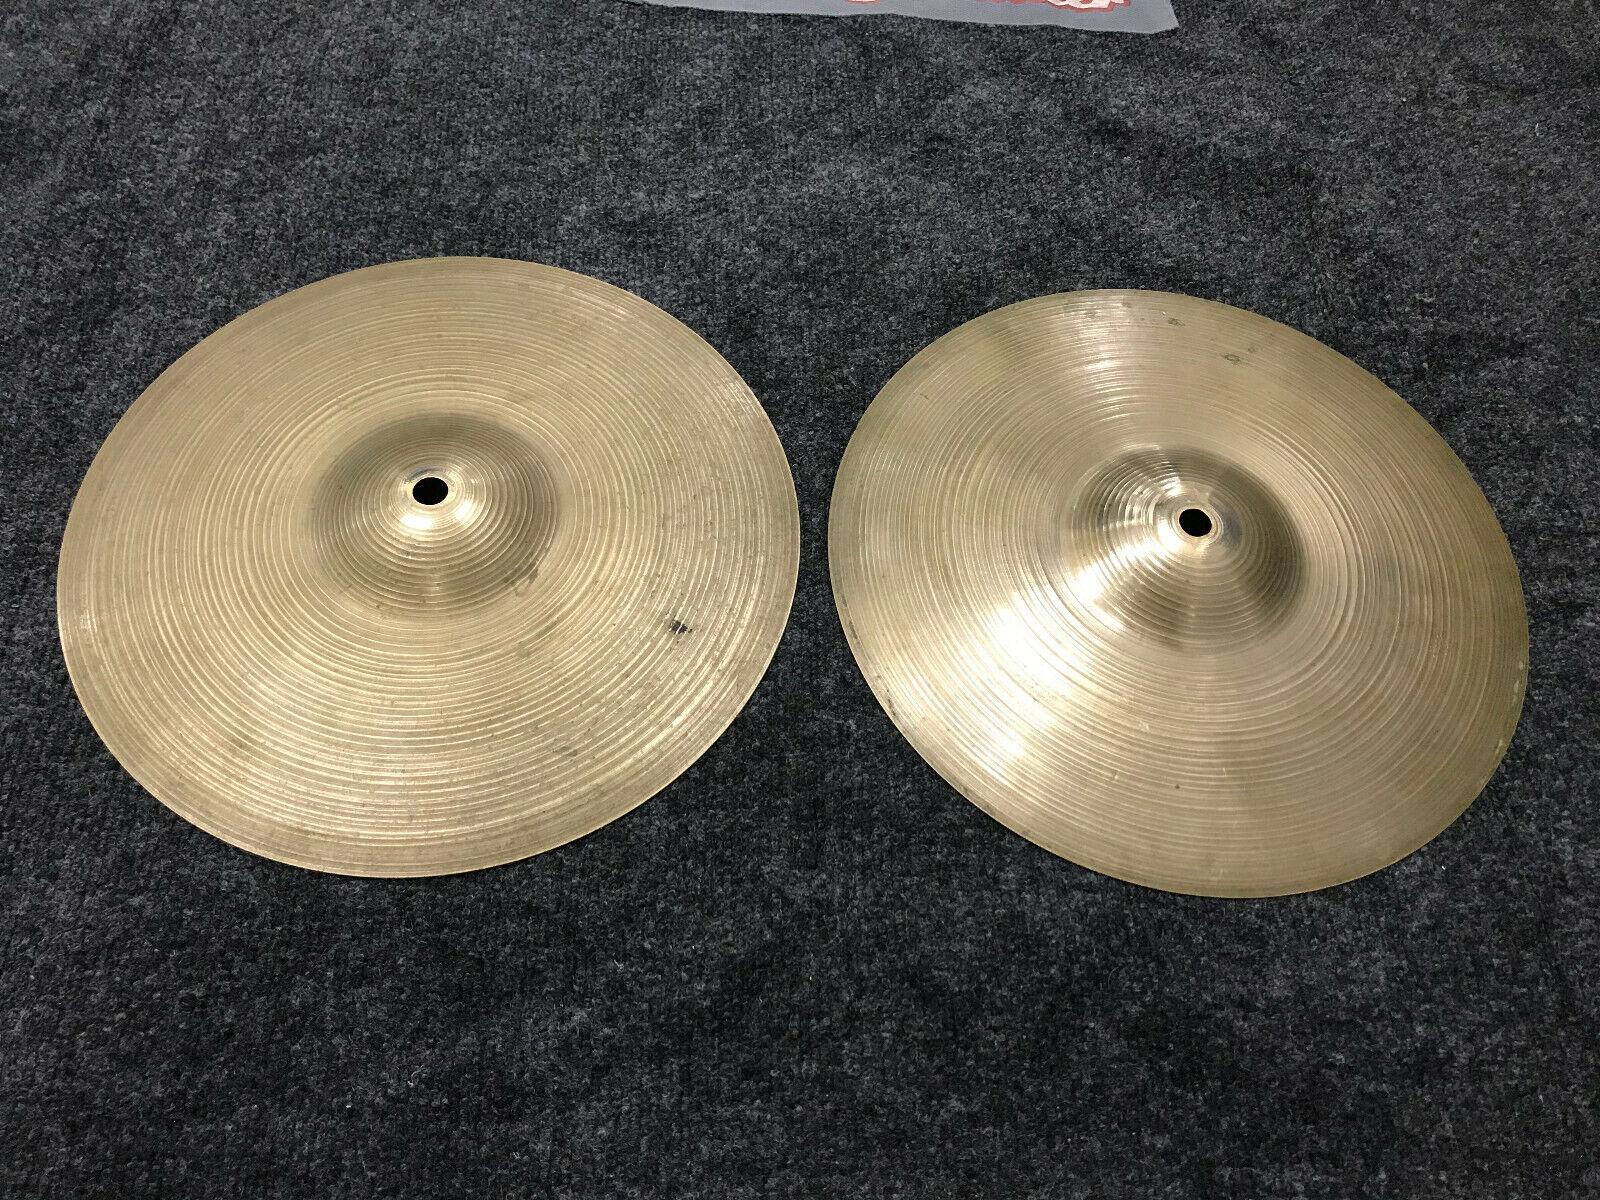 Vintage Zildjian 12  Hihat Drum Cymbals hi hat Double Stamped - 792 grams